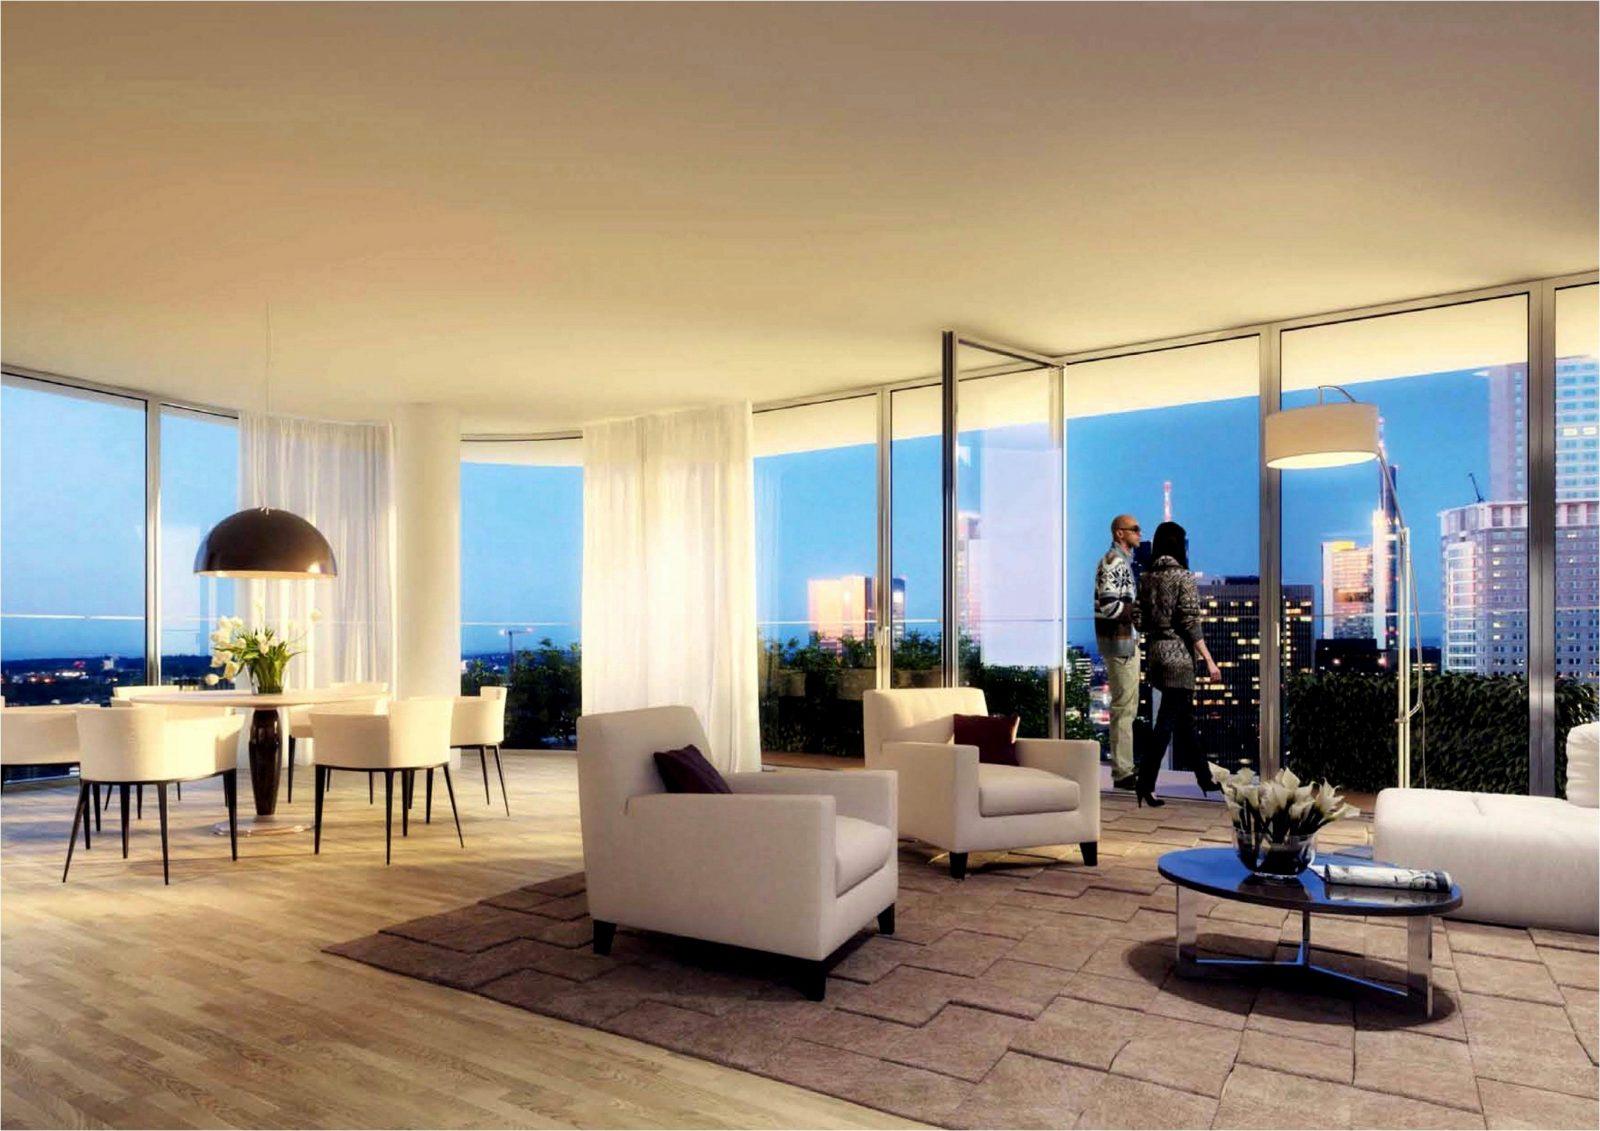 26 Sensationell Bild Über Wohnung Kaufen Frankfurt  Beste Sammlung von Wohnung Kaufen Frankfurt Von Privat Bild